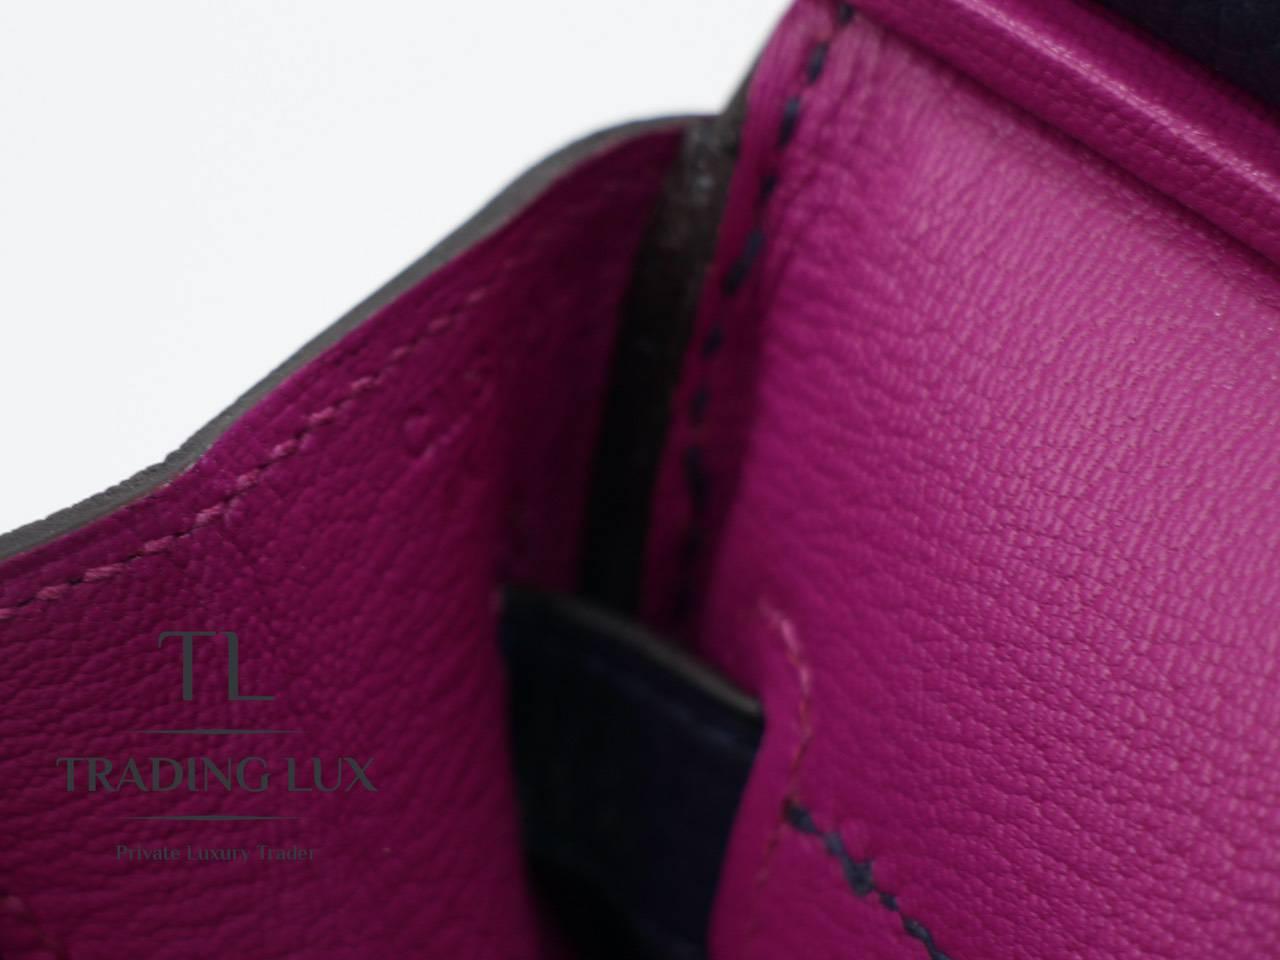 Hermès-Birkin-30-Bleu-Nuit-10